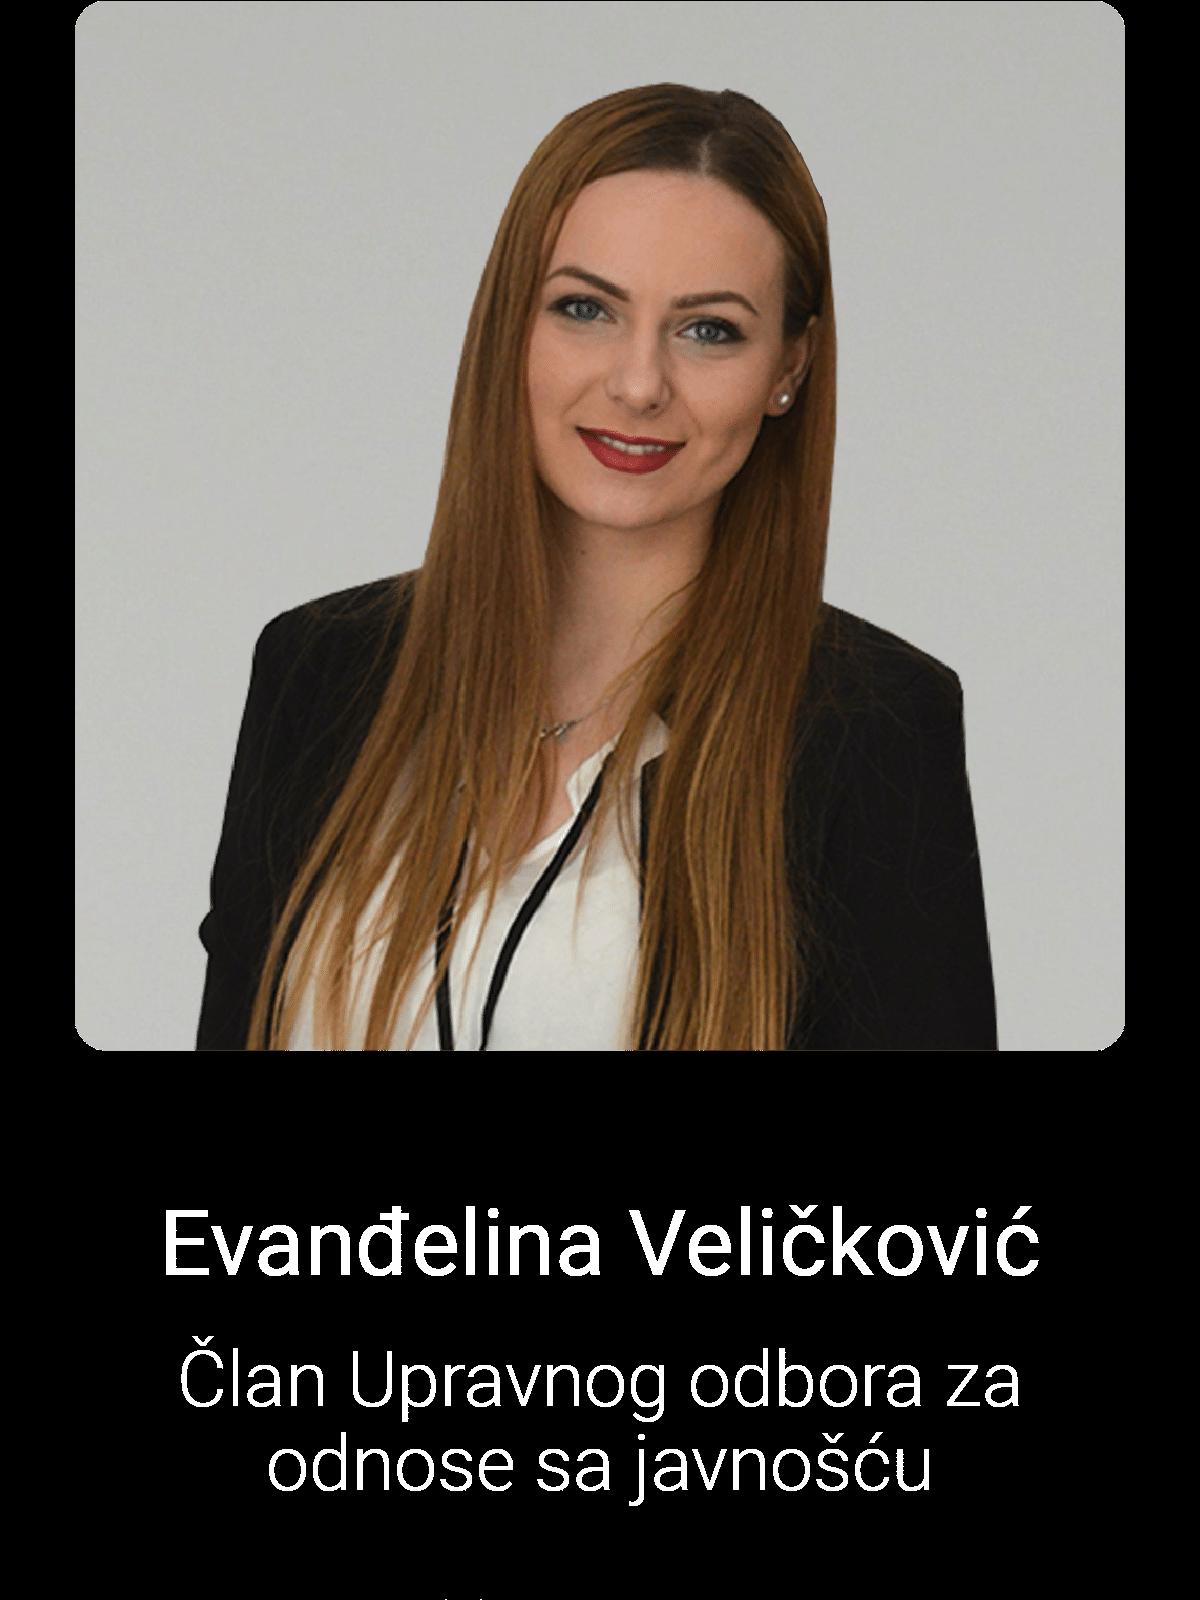 Evanđelina Veličković